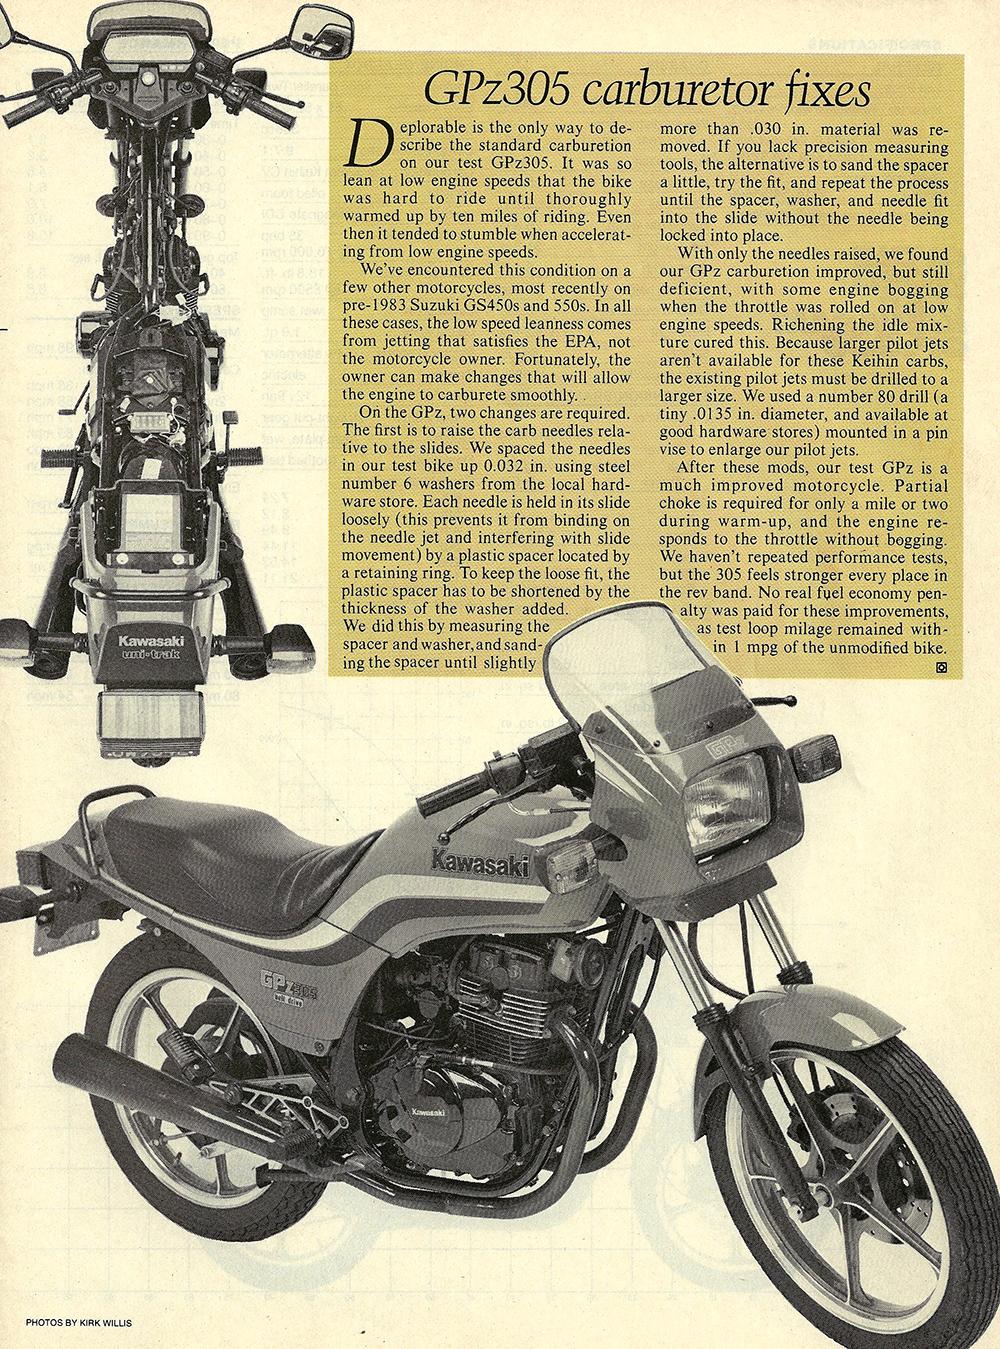 1983 Kawasaki gpz305 04.jpg